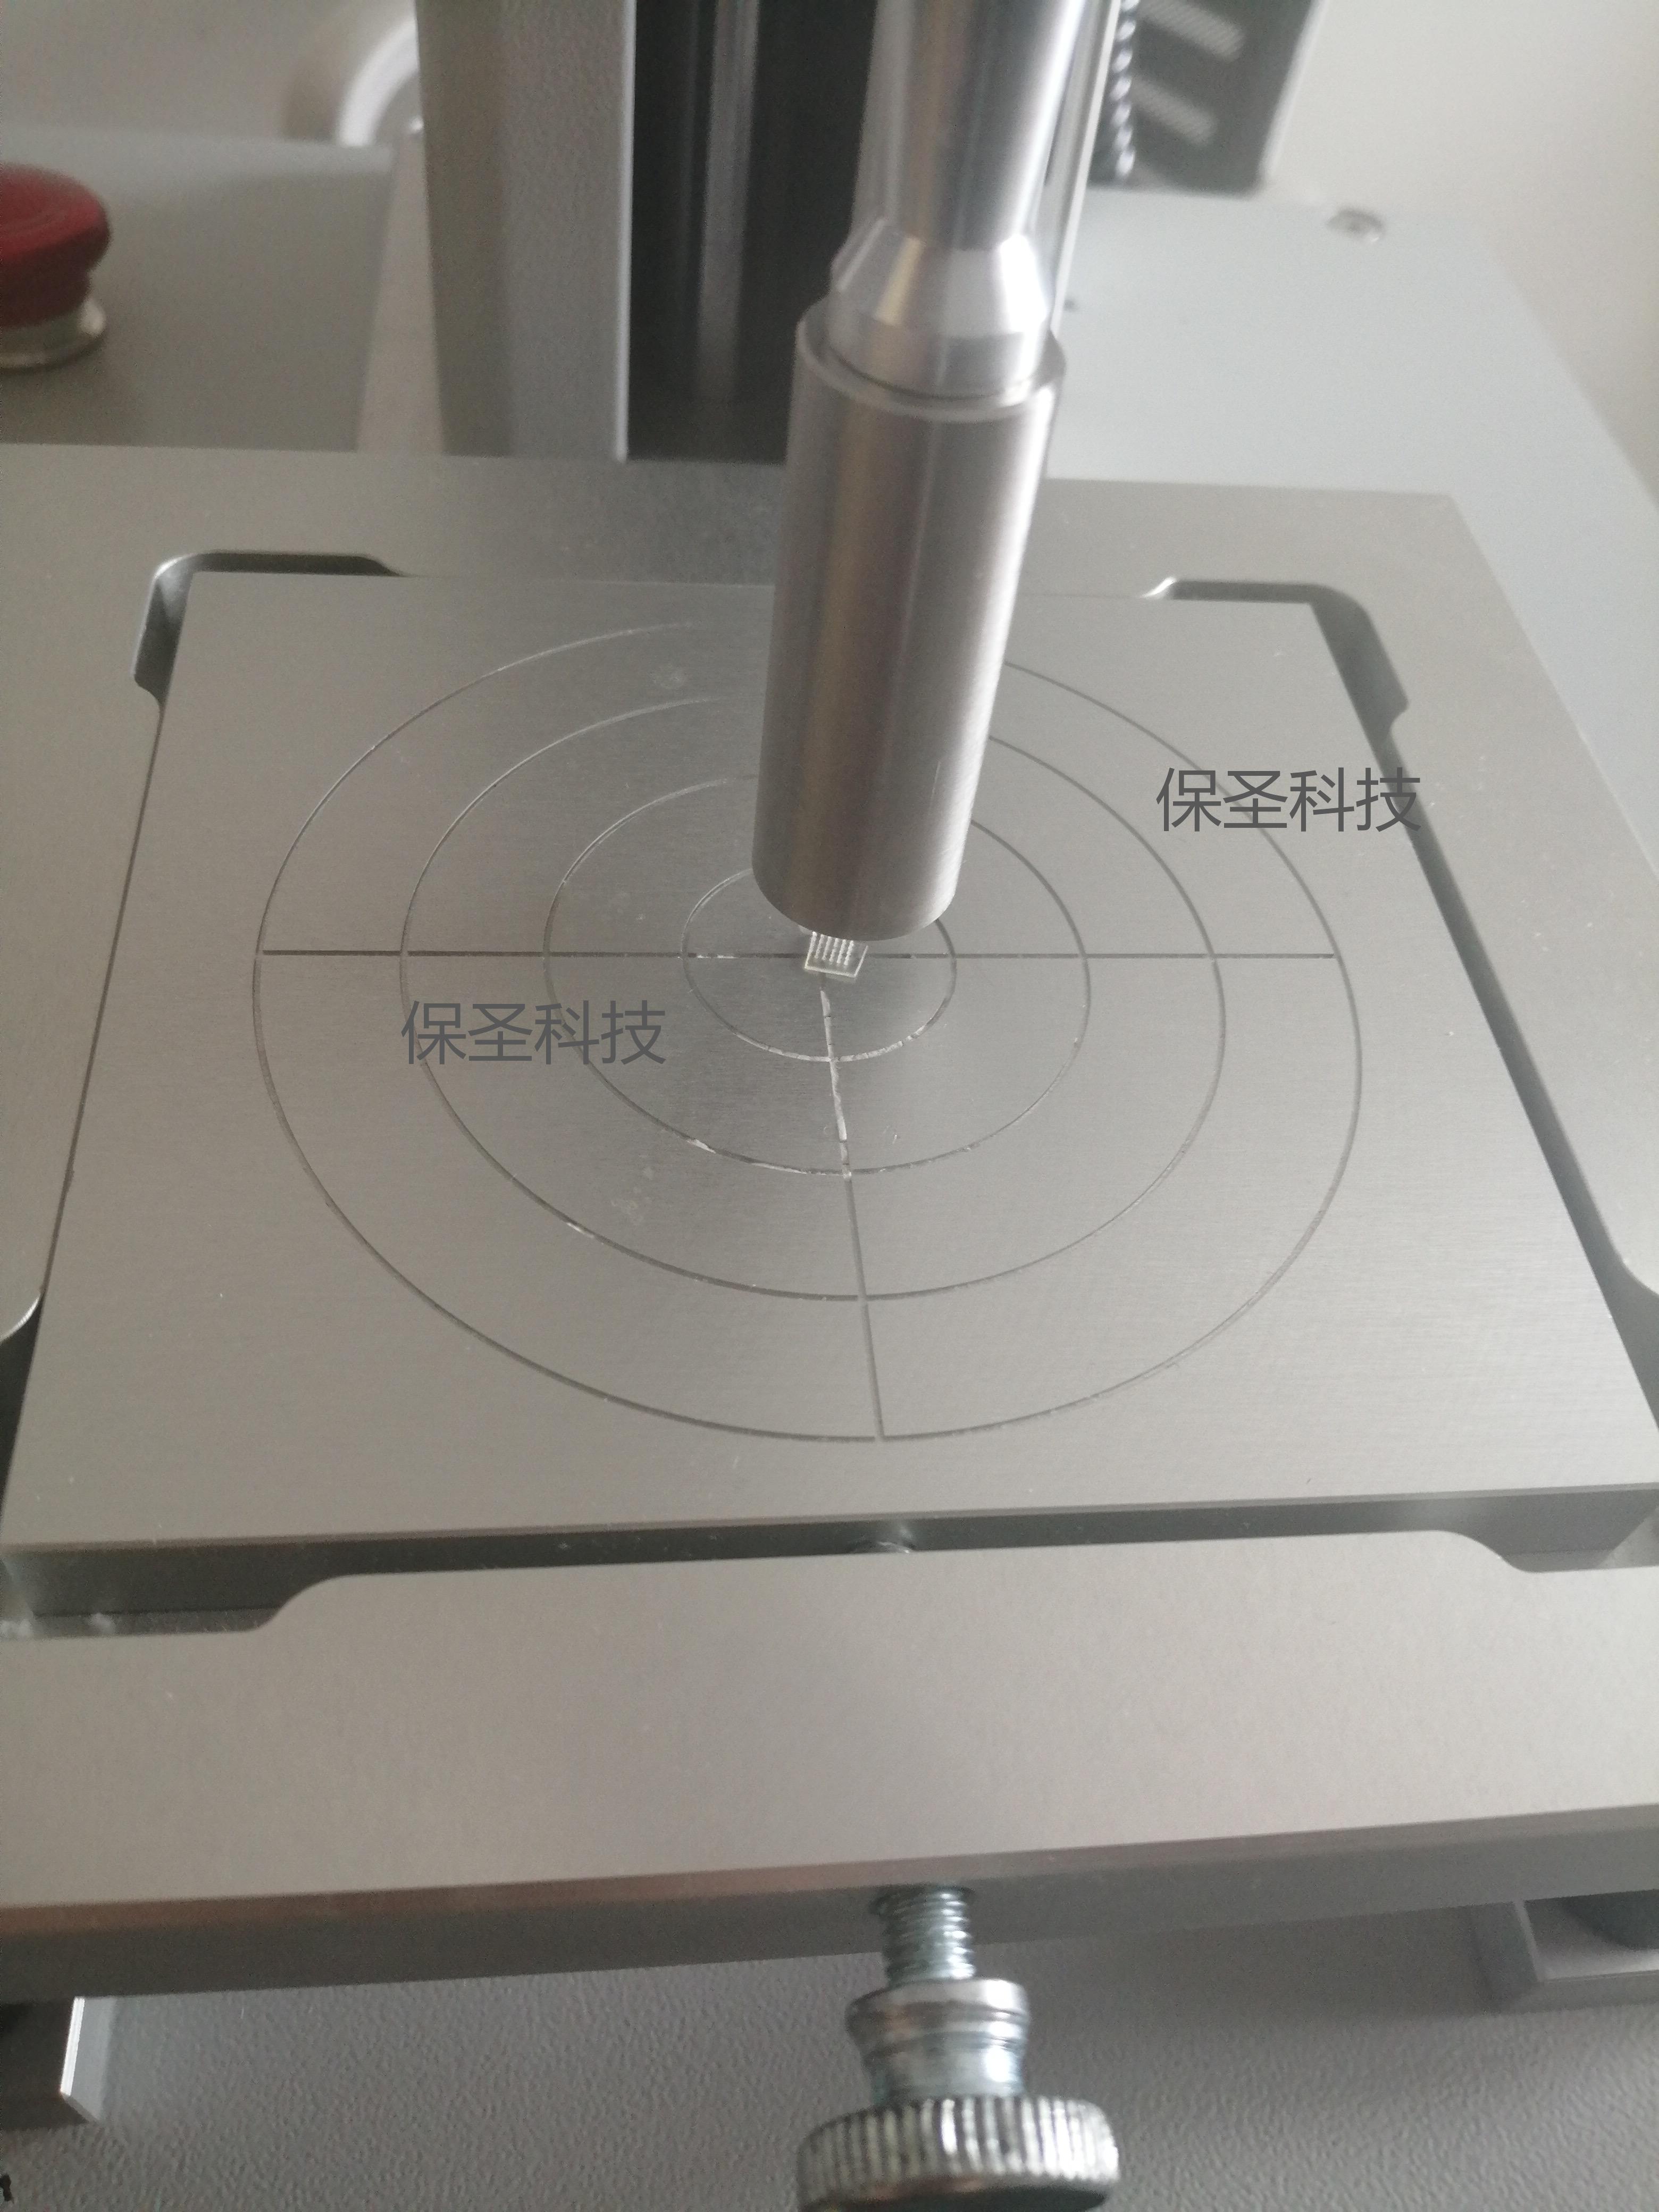 微針儀器示意圖3.jpg